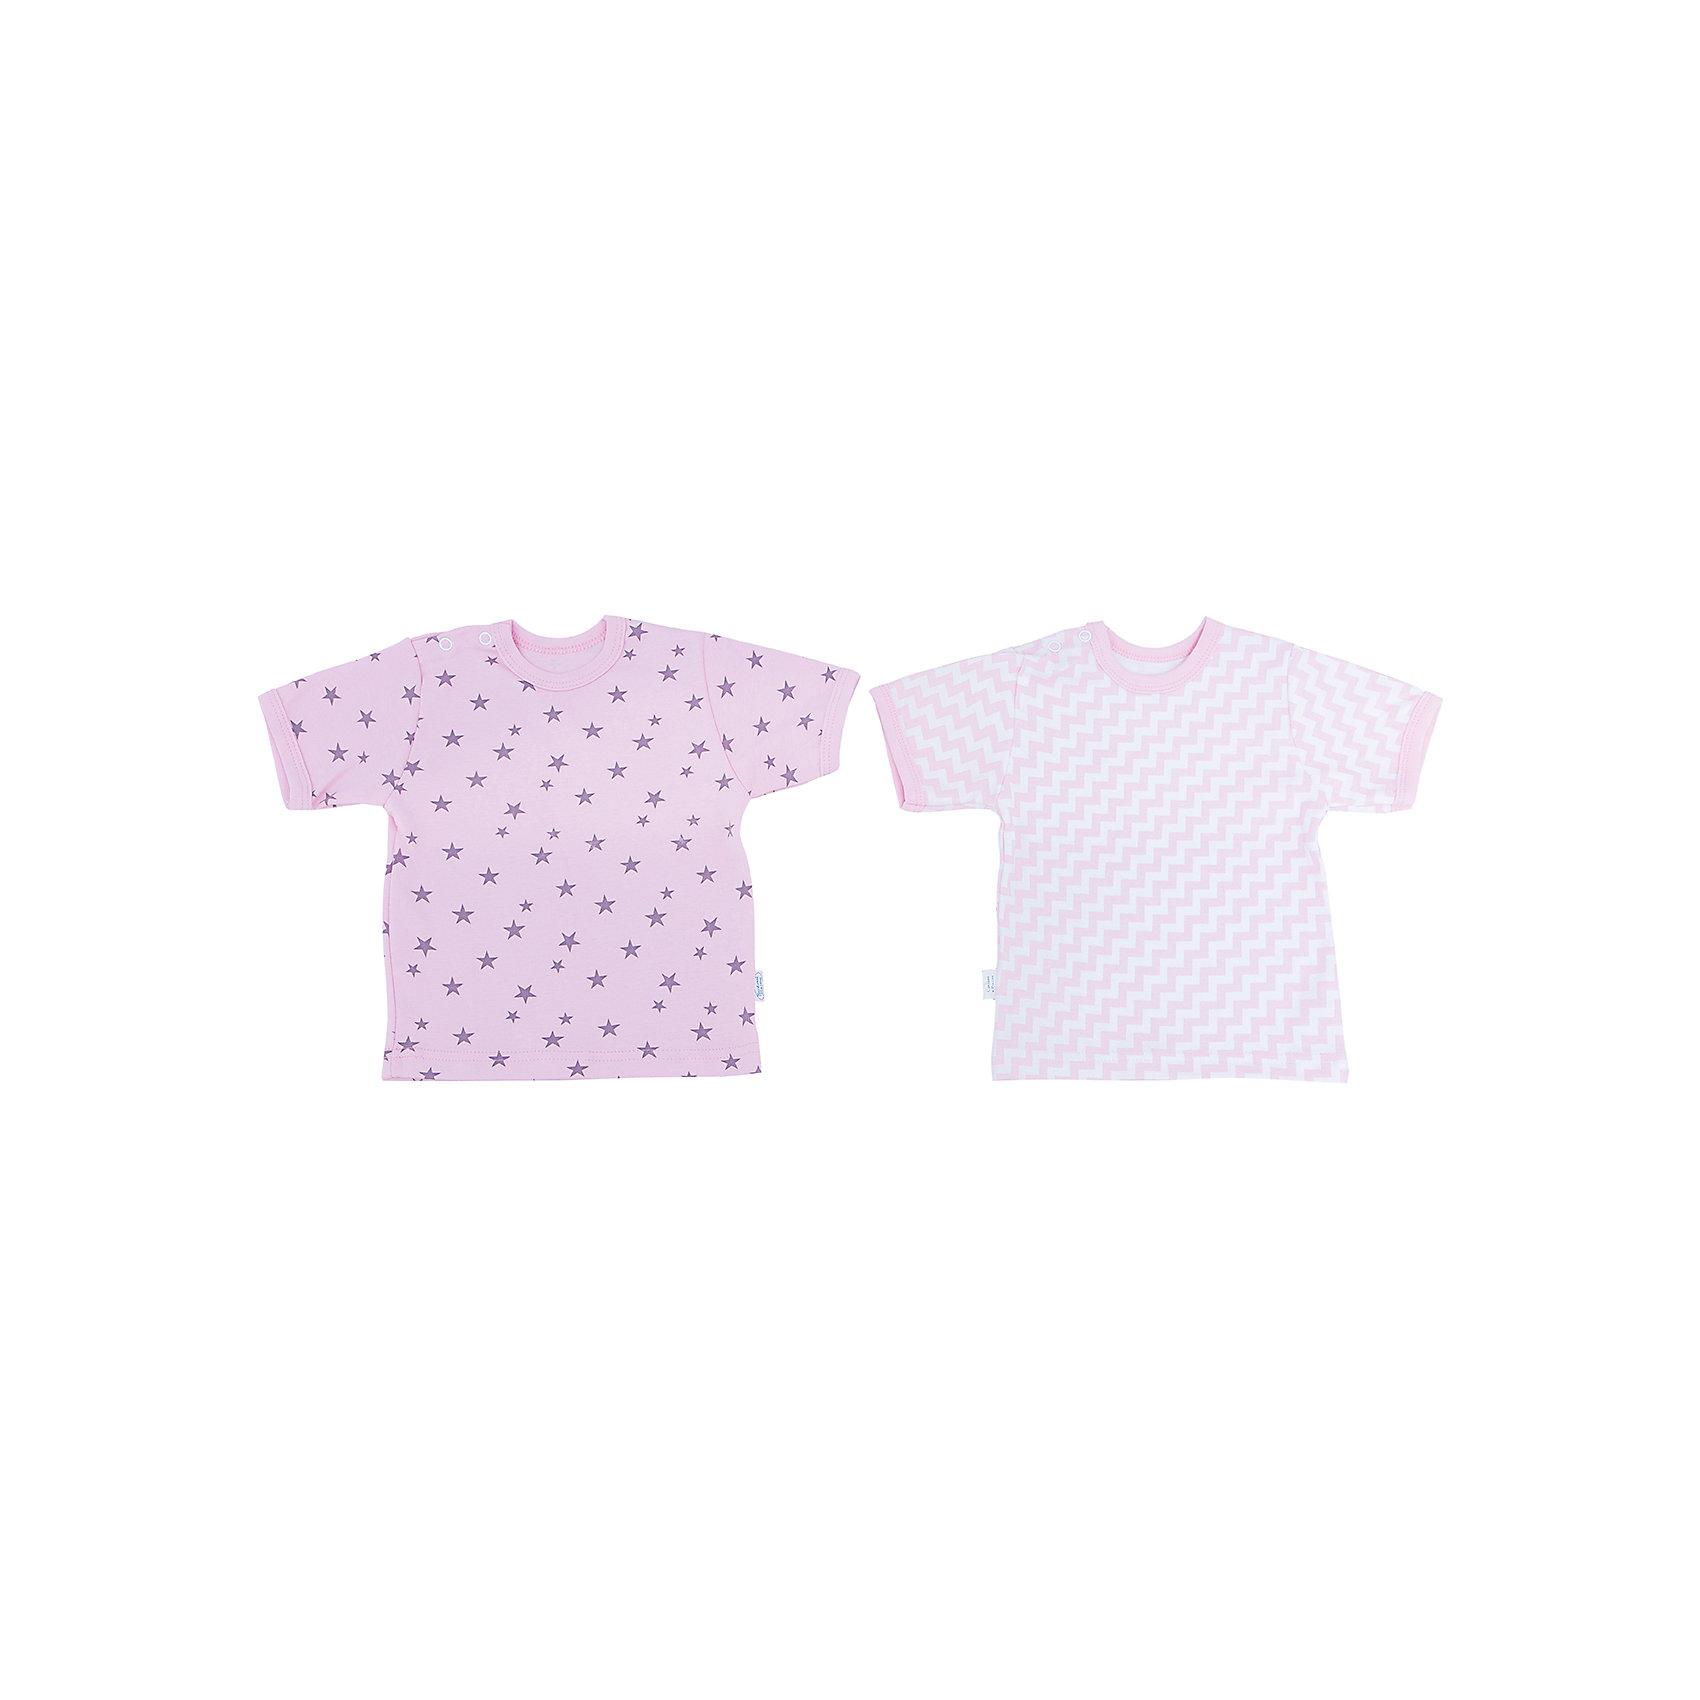 Футболка для девочки, 2 шт. Веселый малышФутболки, топы<br>Выбирая одежду для ребенка, отвественные родители обращают внимение на множество деталей. Одежда для малышей должна быть удобной и качественной - это один из необходимых факторов для правильного развития и хорошего самочувствия ребенка.<br>Эти футболки отличаются высоким качеством швов, окантовкой краёв, что позволяет им хорошо фиксироваться на теле малыша, не сползать и не натирать. Застежки - удобные кнопки, которые не мешают ребенку. Материал - интерлок. Это плотная ткань из натурального хлопка, гладкая, приятная на ощупь, дышащая и гипоаллергенная. Расцветка изделий позволяет легко комбинировать их с различной одеждой. В наборе - две футболки разных цветов.<br><br>Дополнительная информация:<br><br>материал: 100% хлопок интерлок;<br>застежки: кнопки;<br>короткий рукав;<br>комплектация: 2 футболки.<br><br>Комплект футболок от бренда Веселый малыш можно купить в нашем магазине.<br><br>Ширина мм: 157<br>Глубина мм: 13<br>Высота мм: 119<br>Вес г: 200<br>Цвет: розовый<br>Возраст от месяцев: 6<br>Возраст до месяцев: 9<br>Пол: Женский<br>Возраст: Детский<br>Размер: 74,86,80,68<br>SKU: 4811024